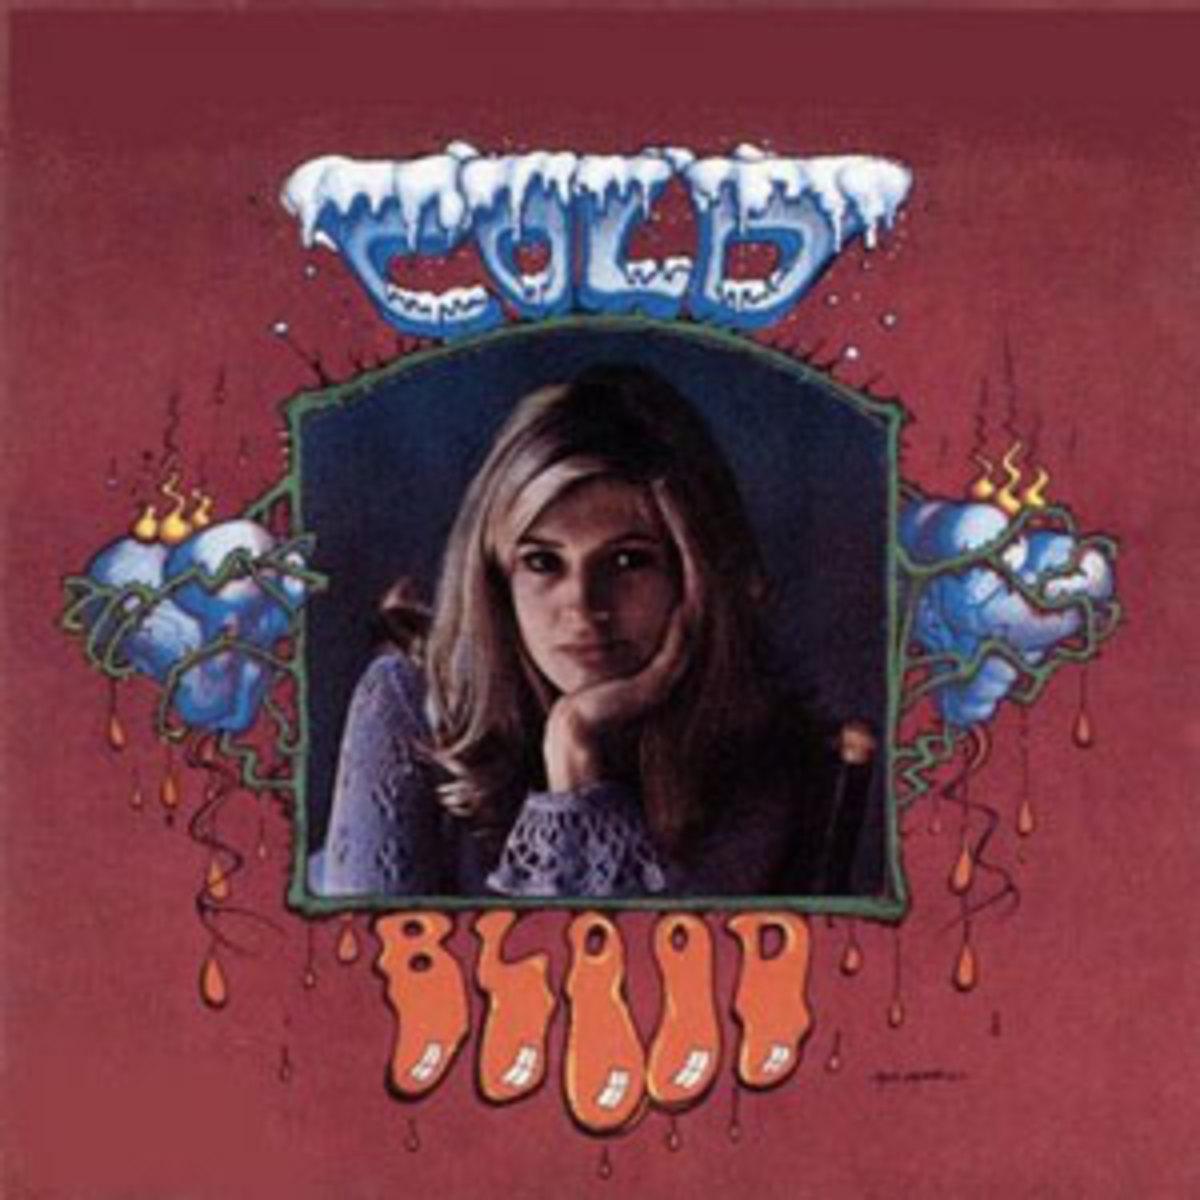 coldblood-1969